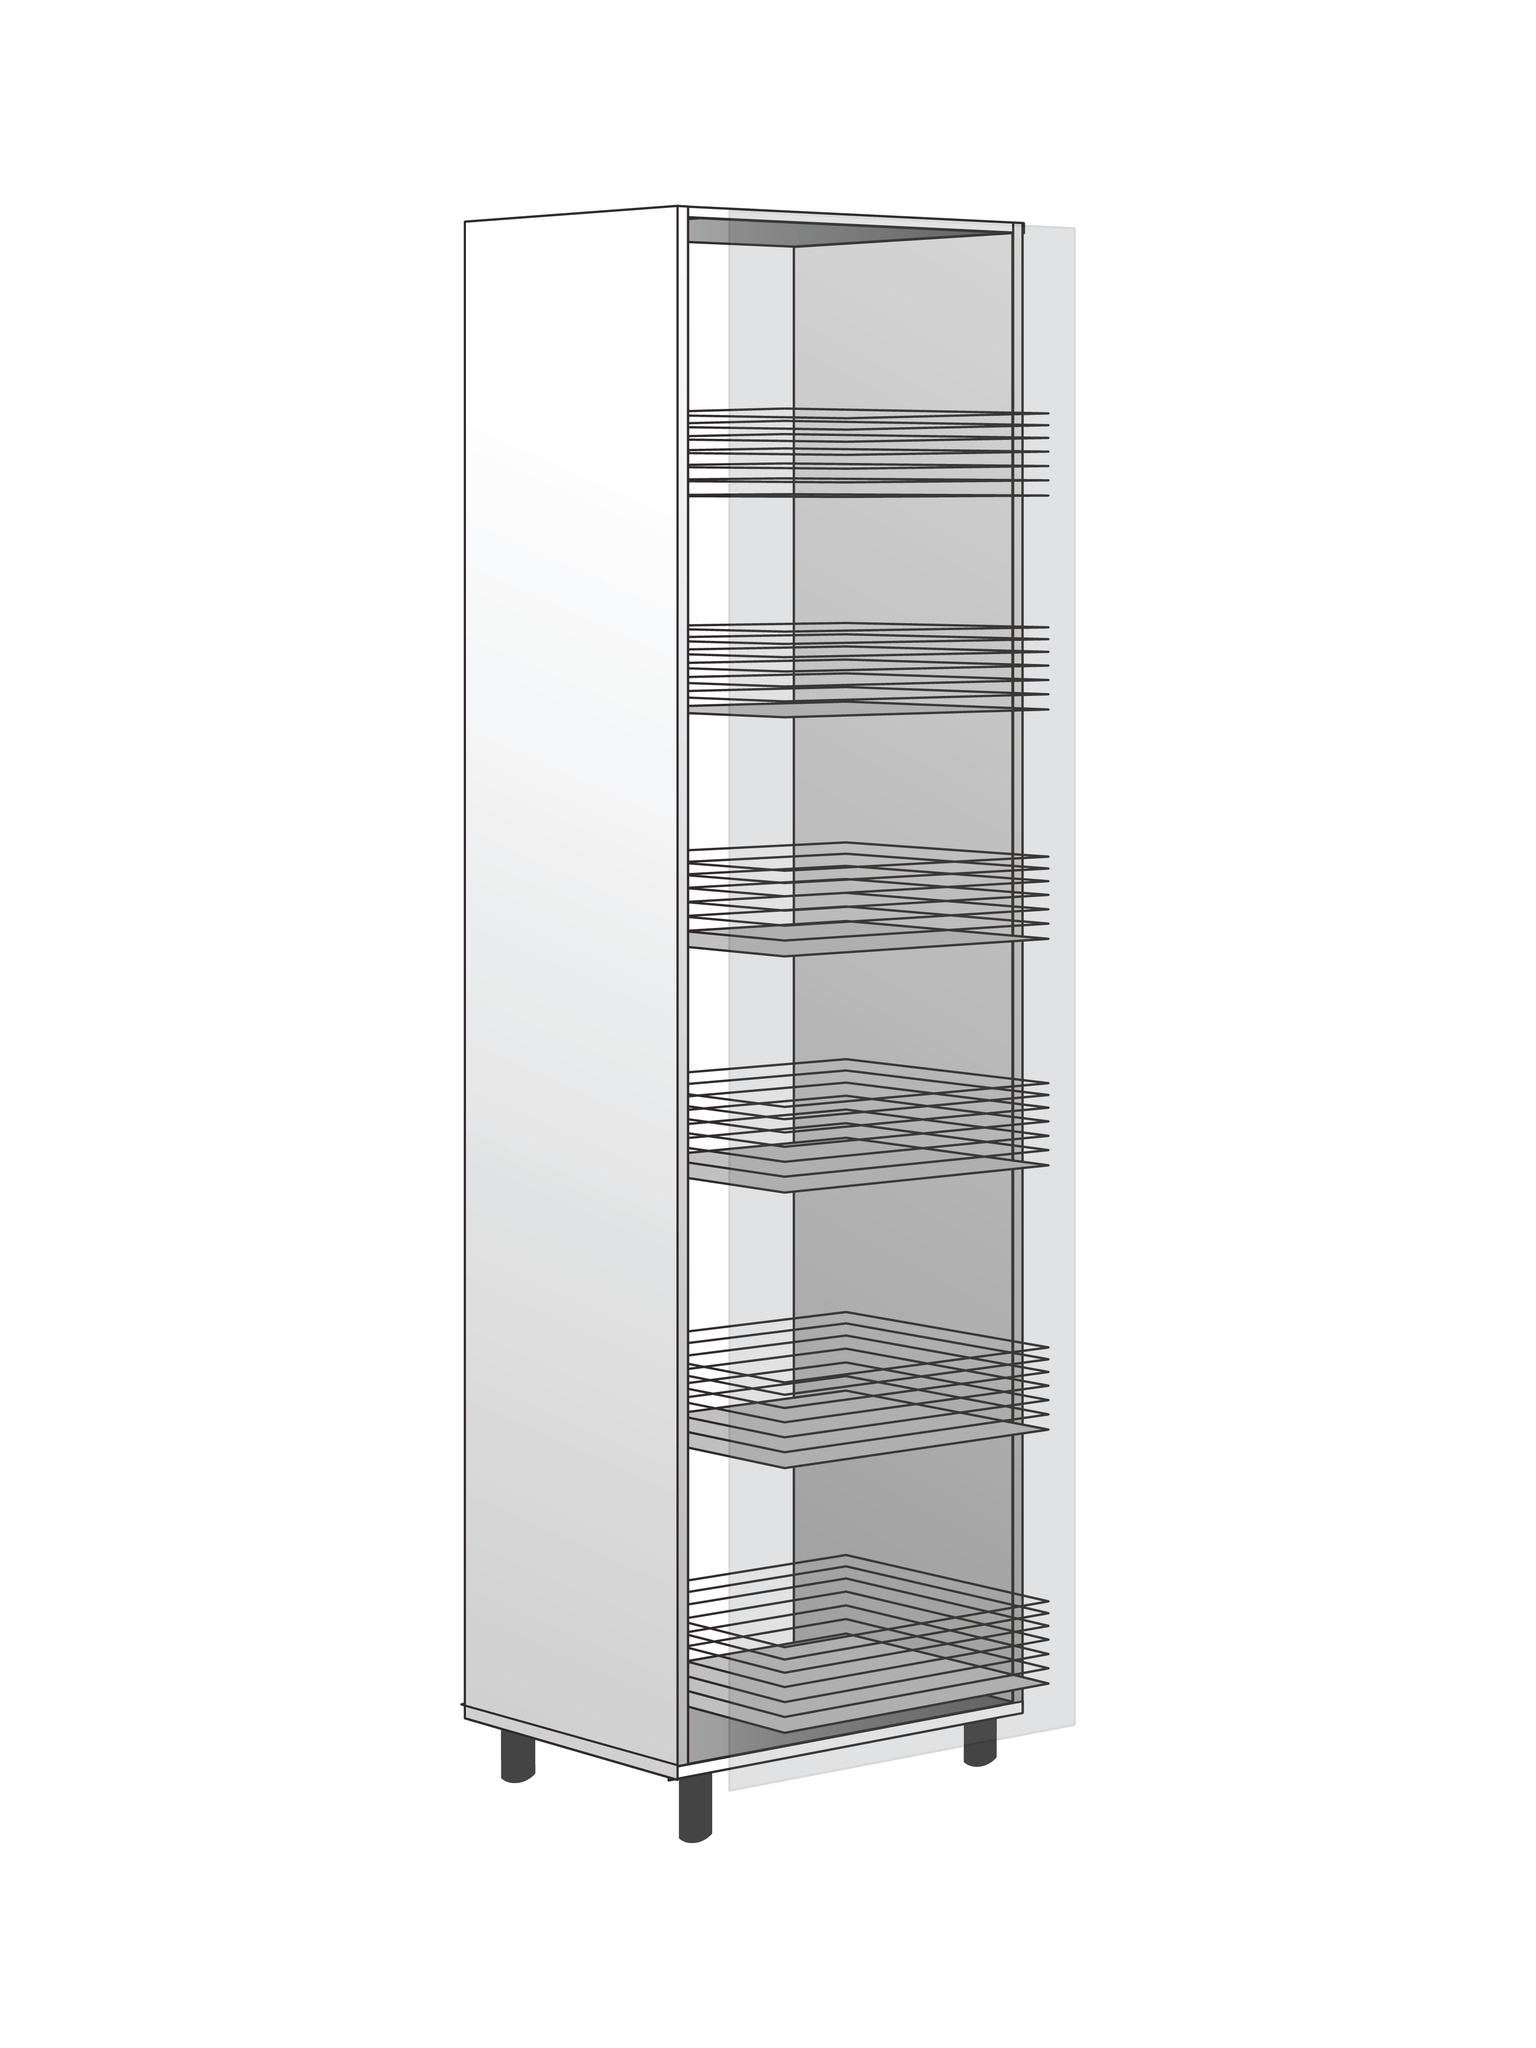 Напольный шкаф с системой хранения, 2040Х400 мм